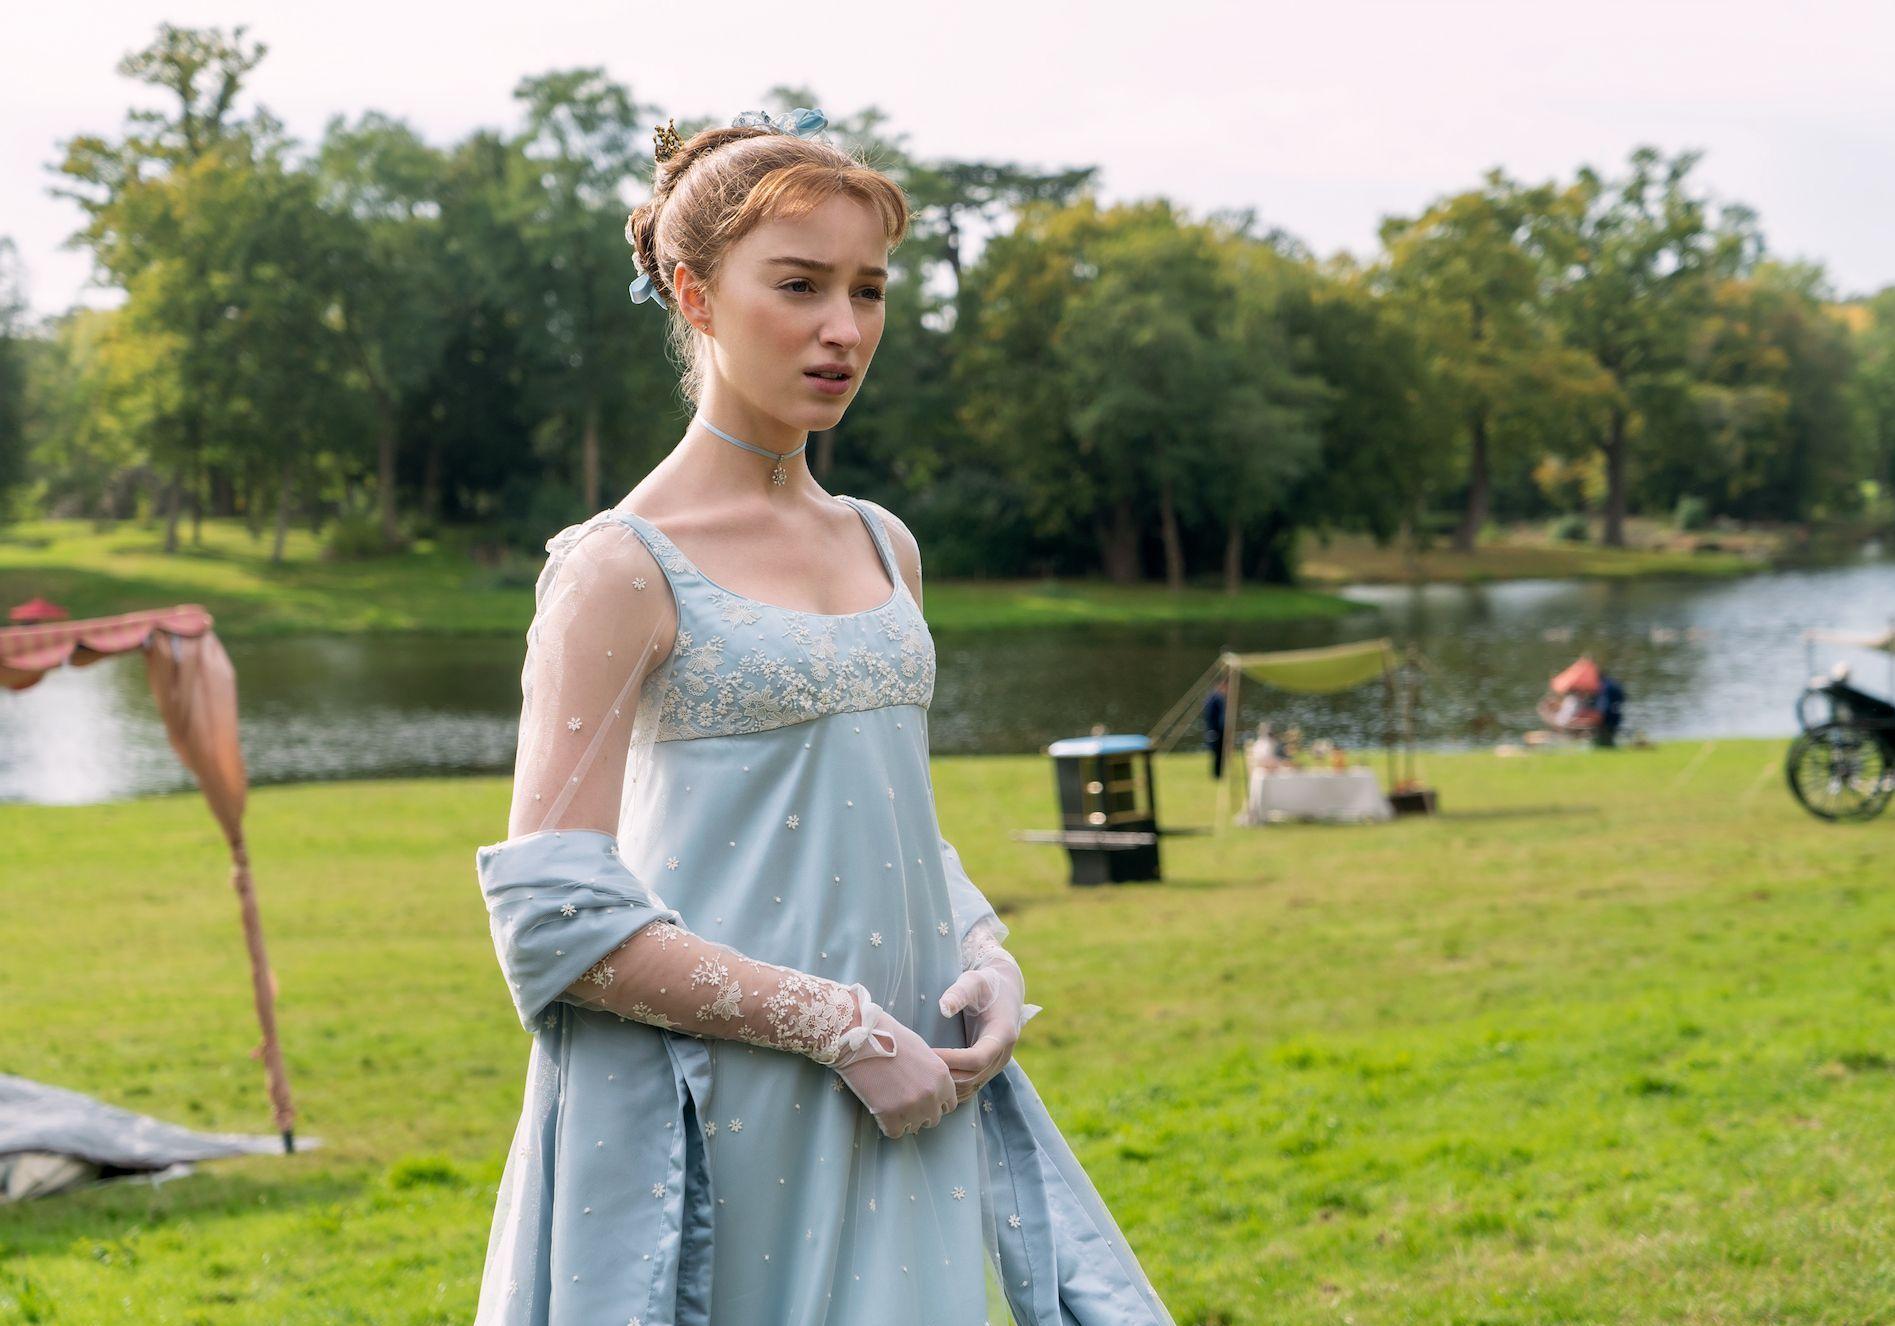 Bridgerton saison 2 : le personnage de Daphne sera très différent après le départ de Simon - Elle